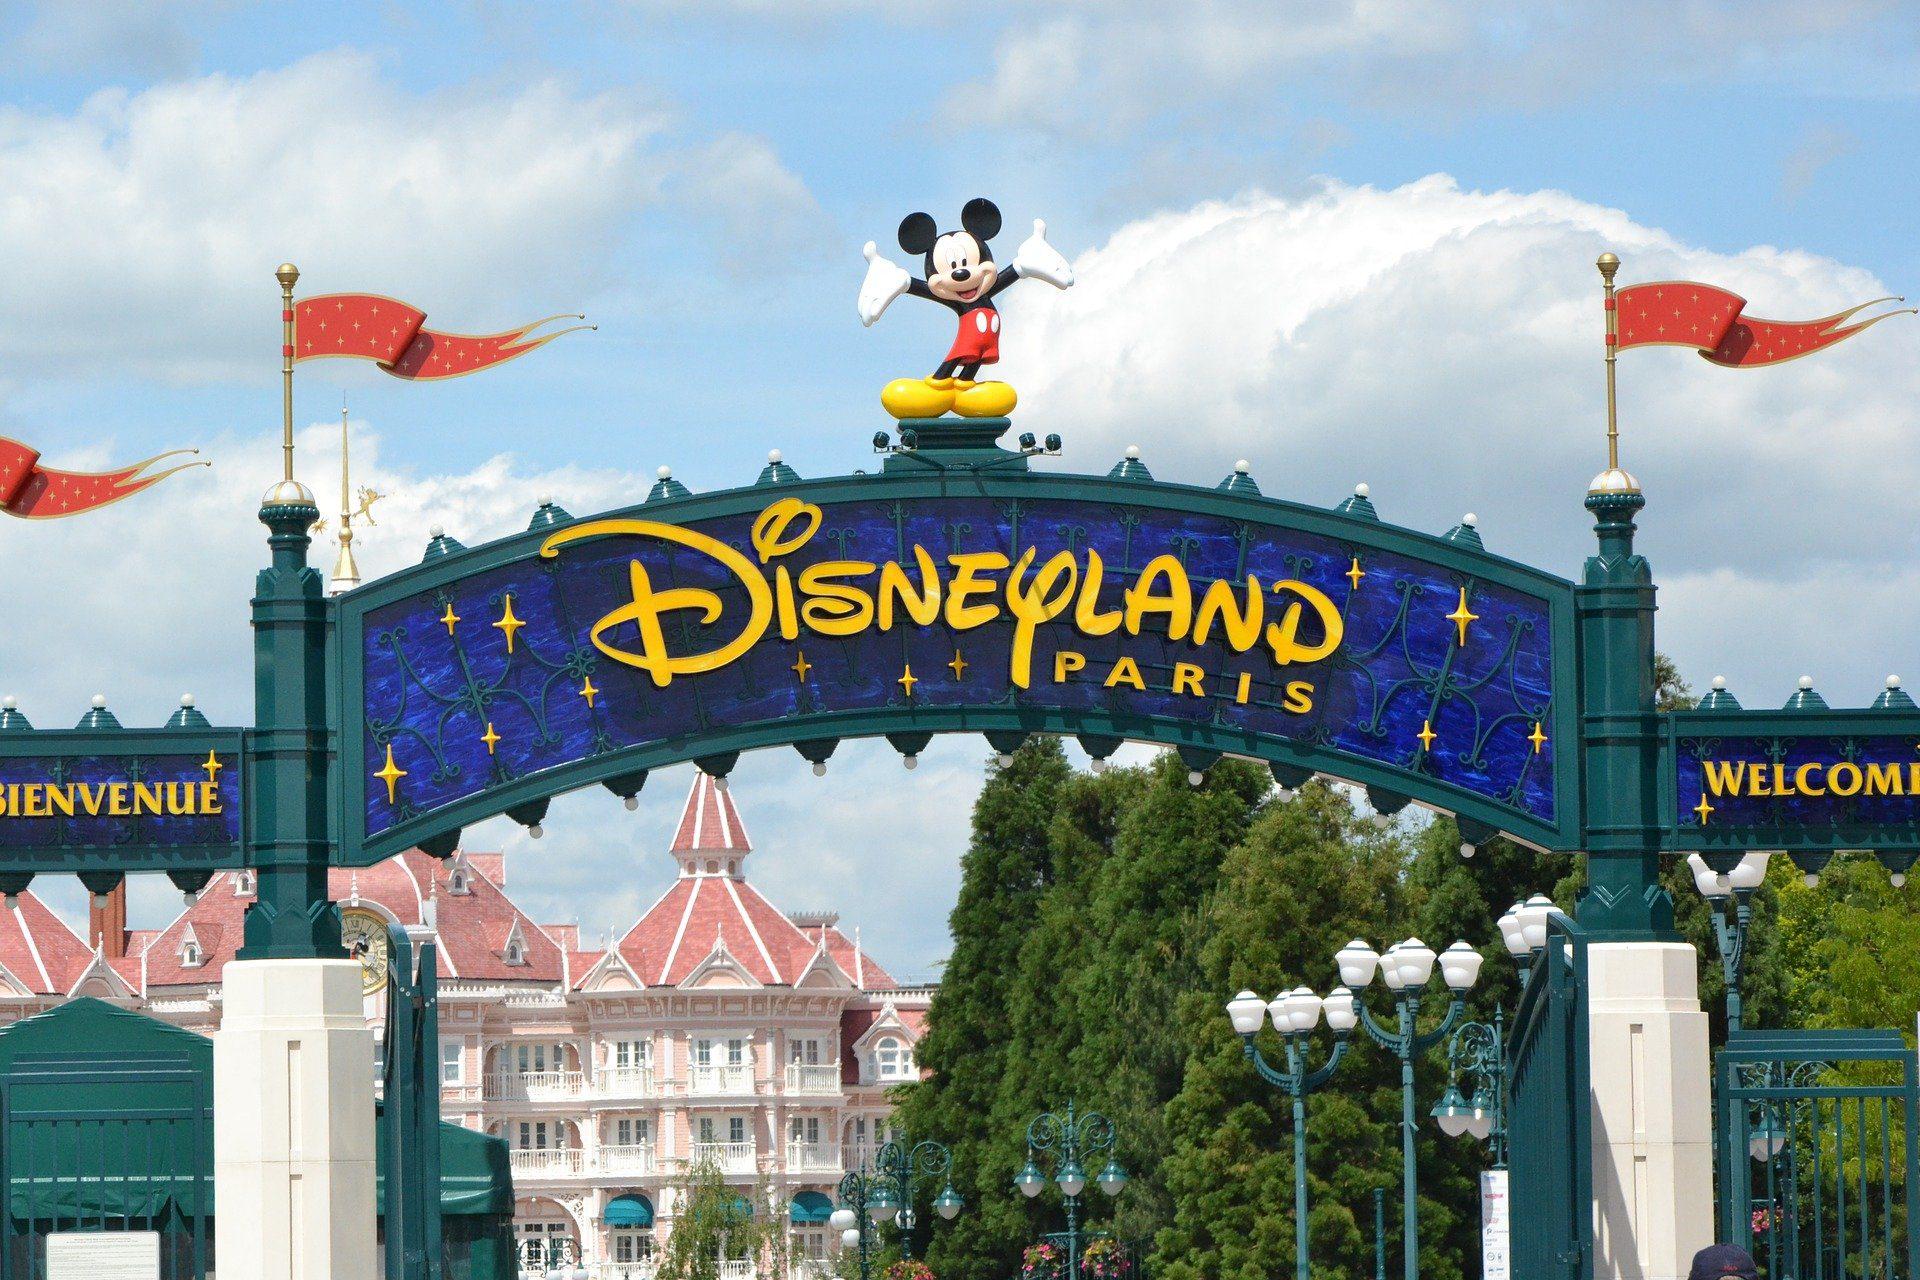 Disneyland Paris, lieux les plus visités de France